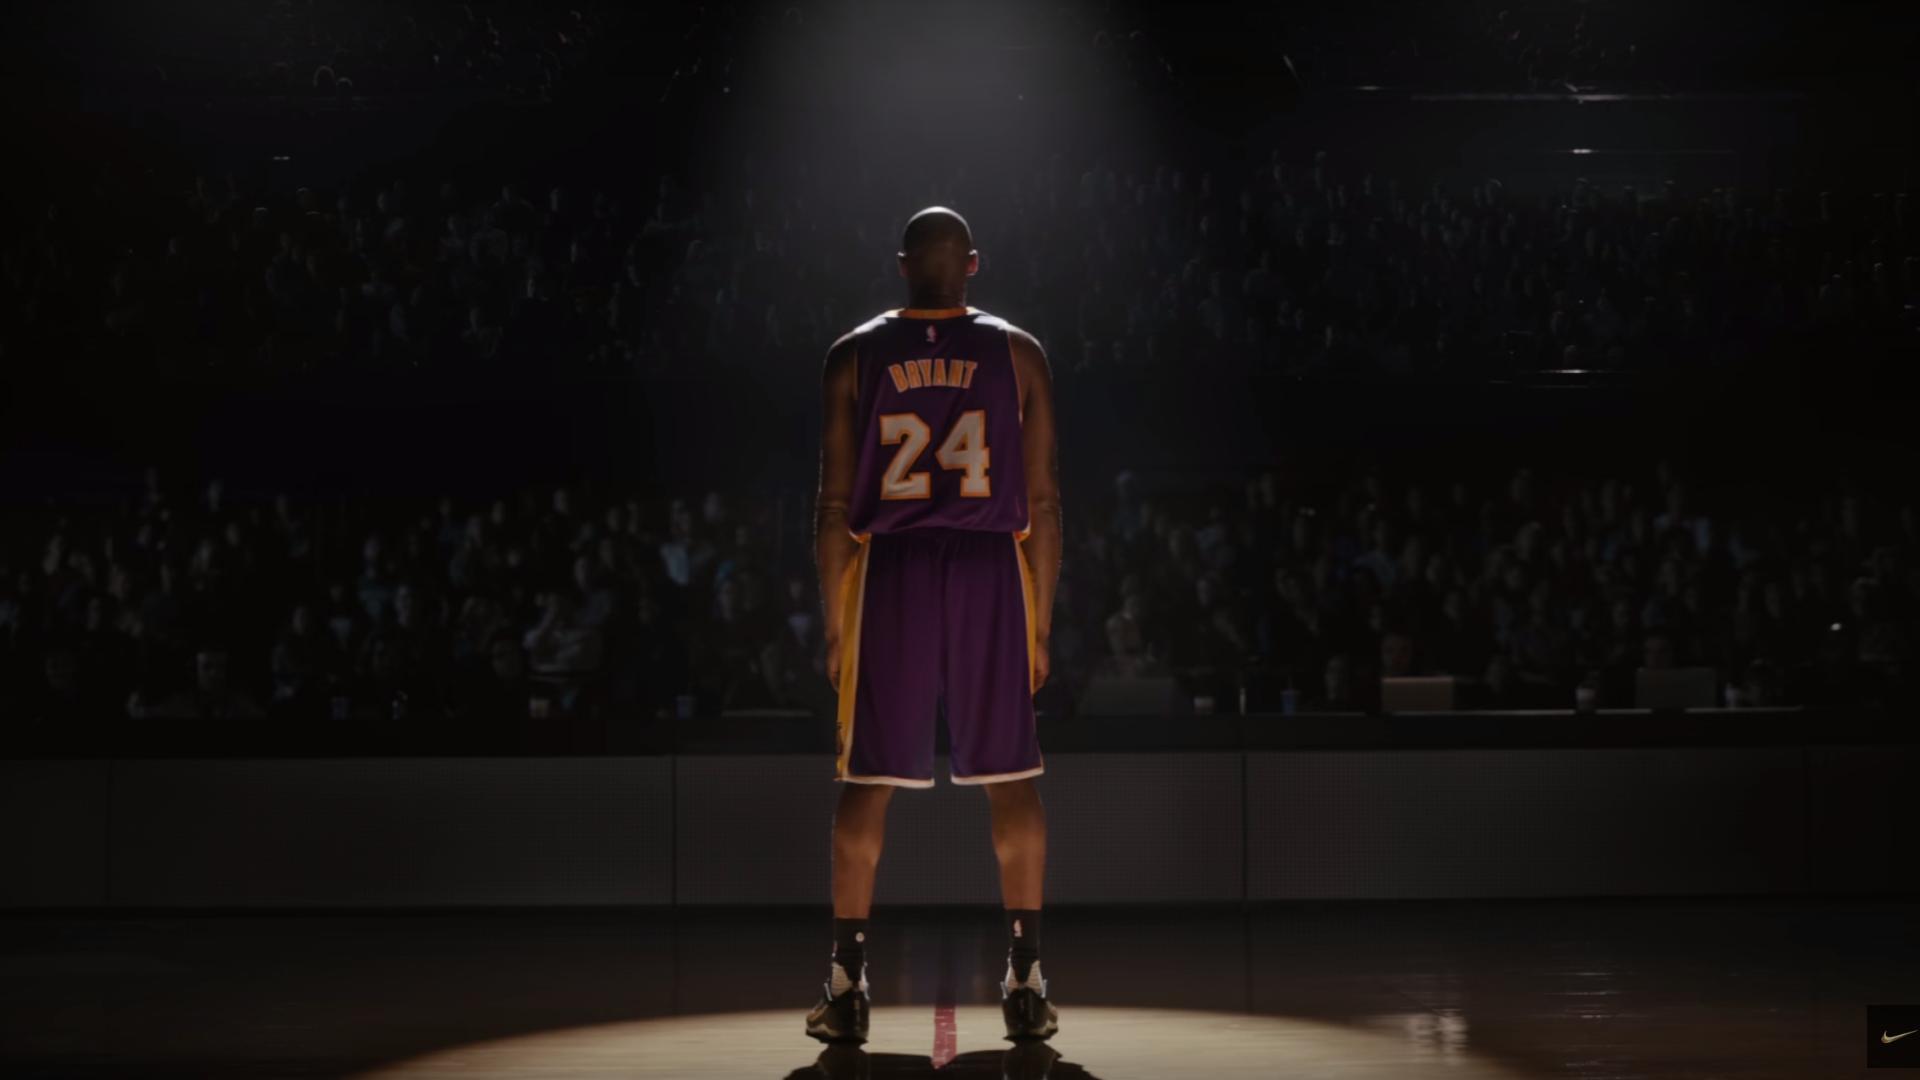 68 Kobe Bryant Nike Wallpaper On Wallpapersafari